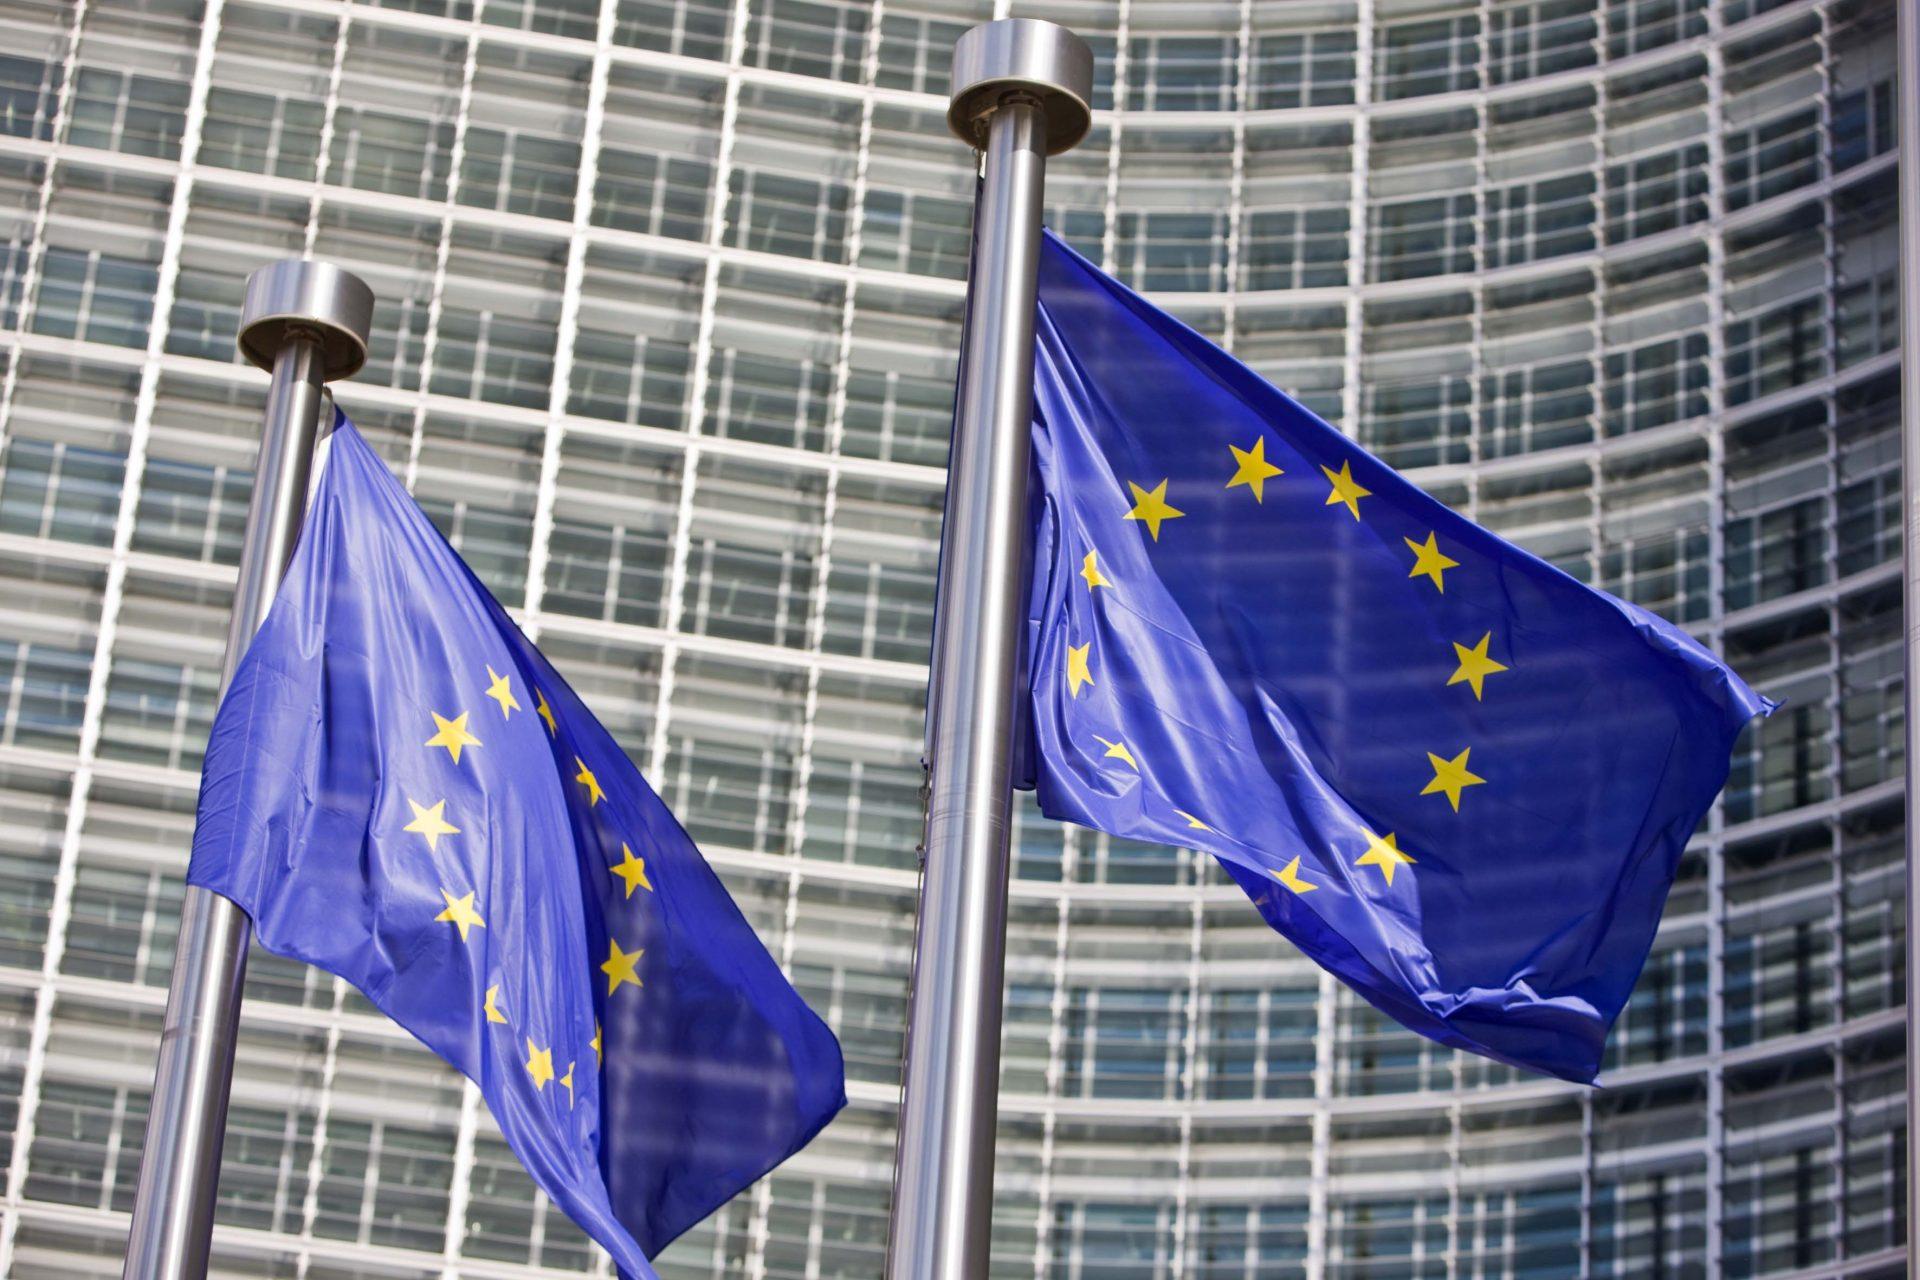 Angajatorii europeni, acuzați de încălcarea GDPR. Companiile ar încerca să blocheze comunicarea dintre sindicate și angajați